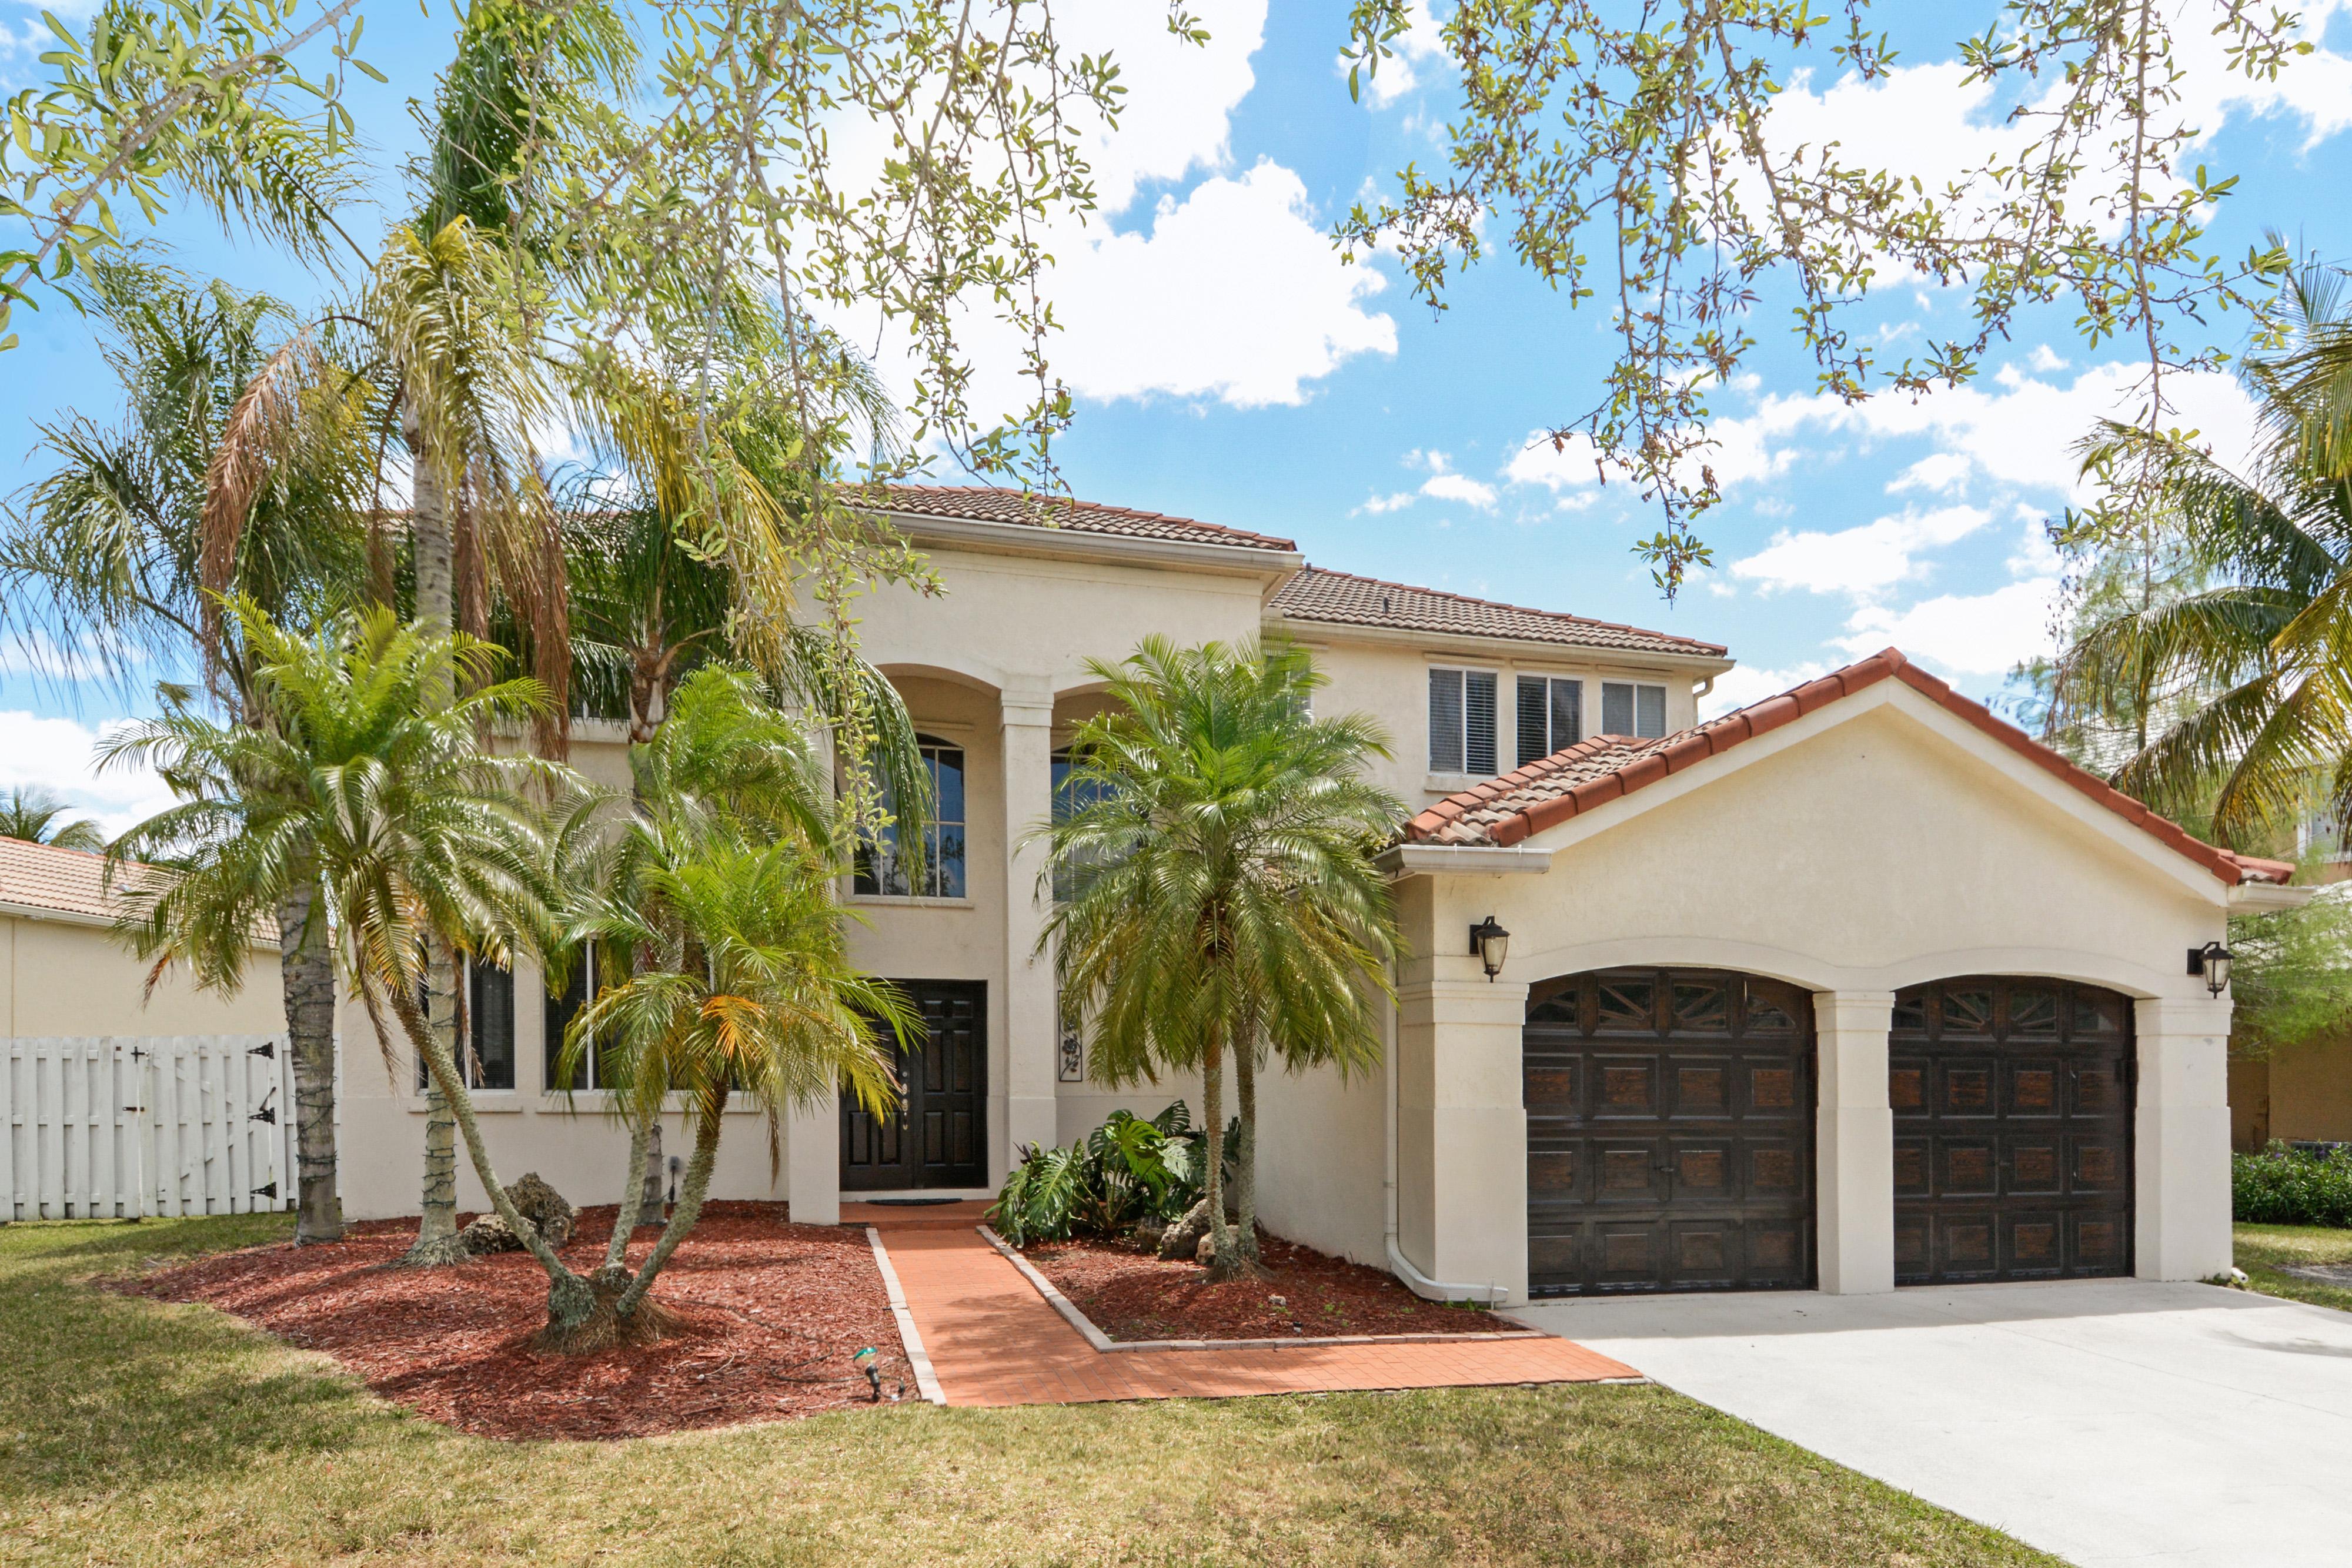 獨棟家庭住宅 為 出售 在 843 Heritage Dr Weston, 佛羅里達州, 33326 美國